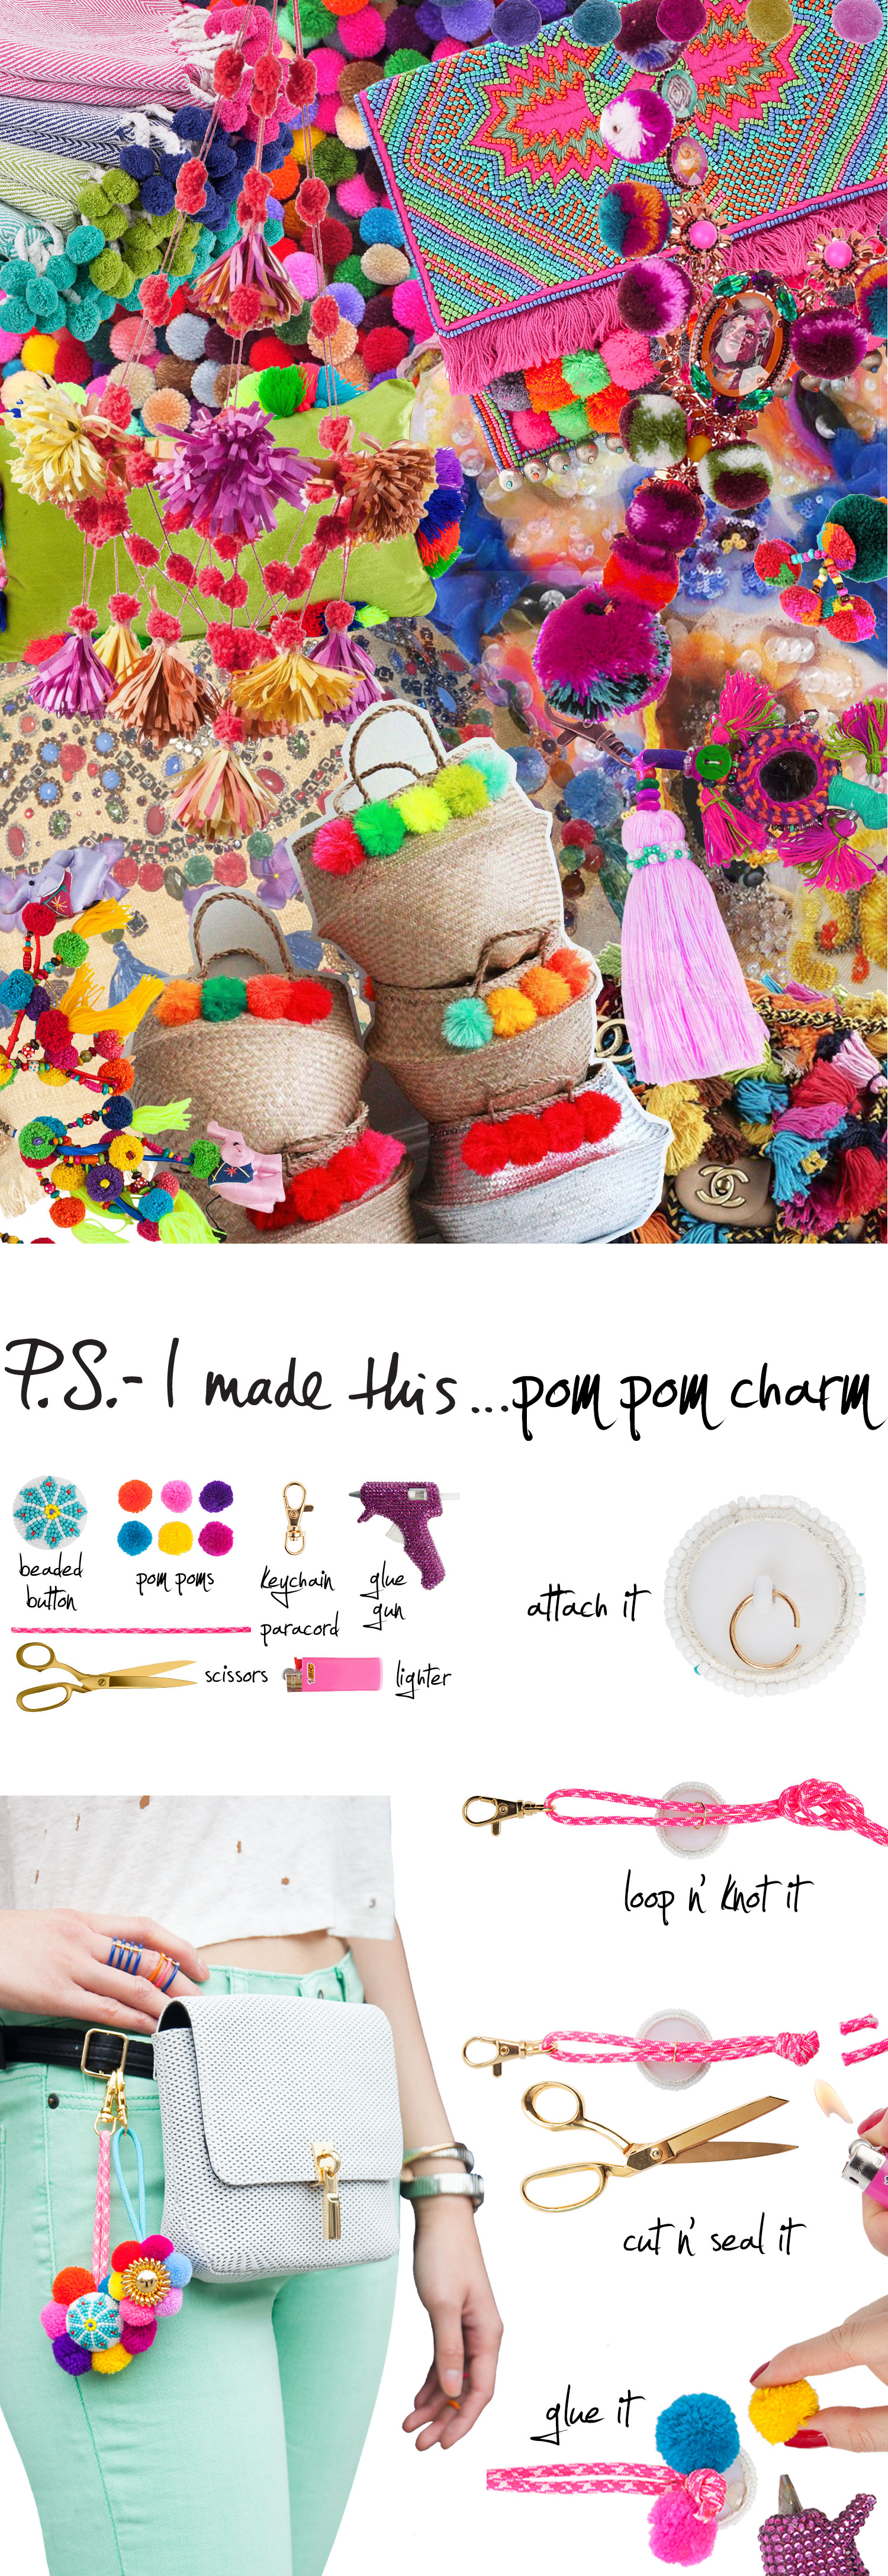 06.11.15_Pom-Pom-Charm-MERGED